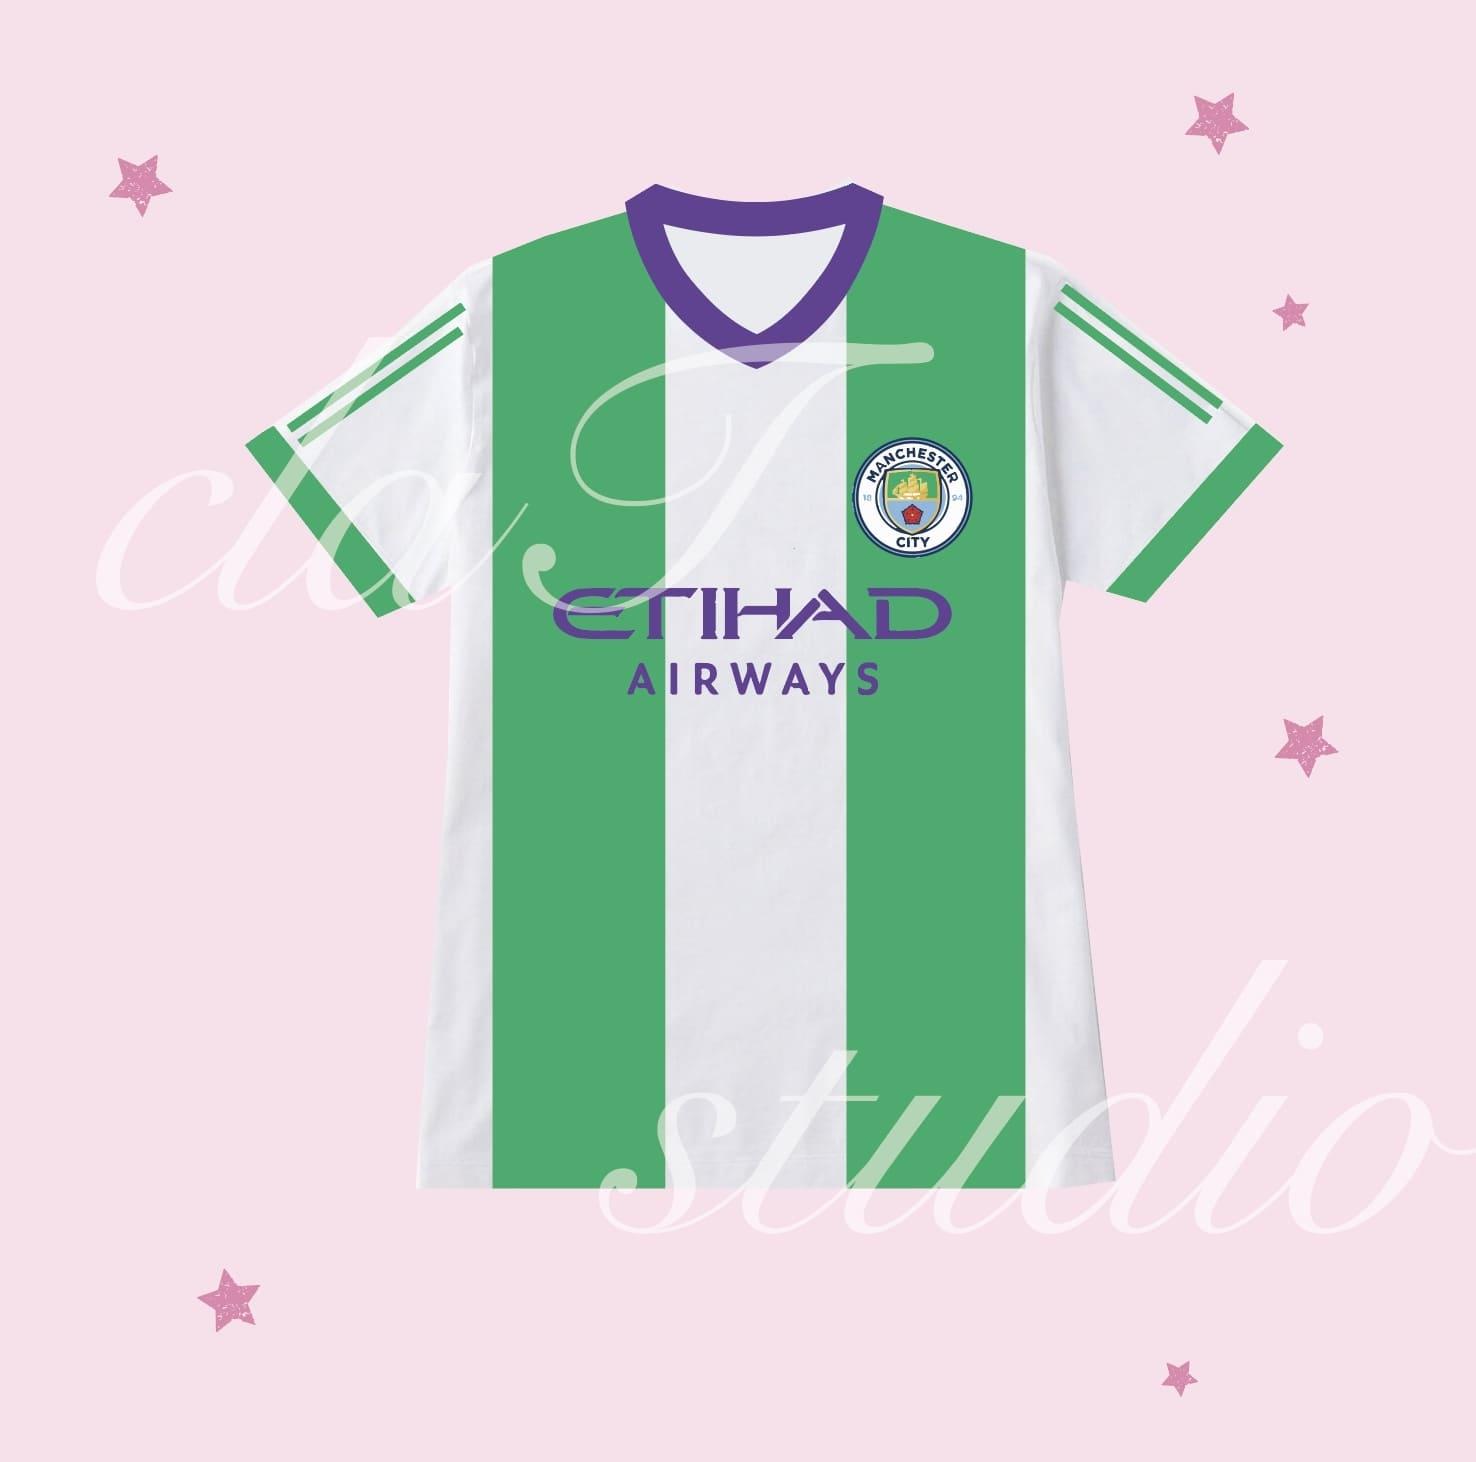 緑のサッカーユニフォームクラスtシャツ_image_0002